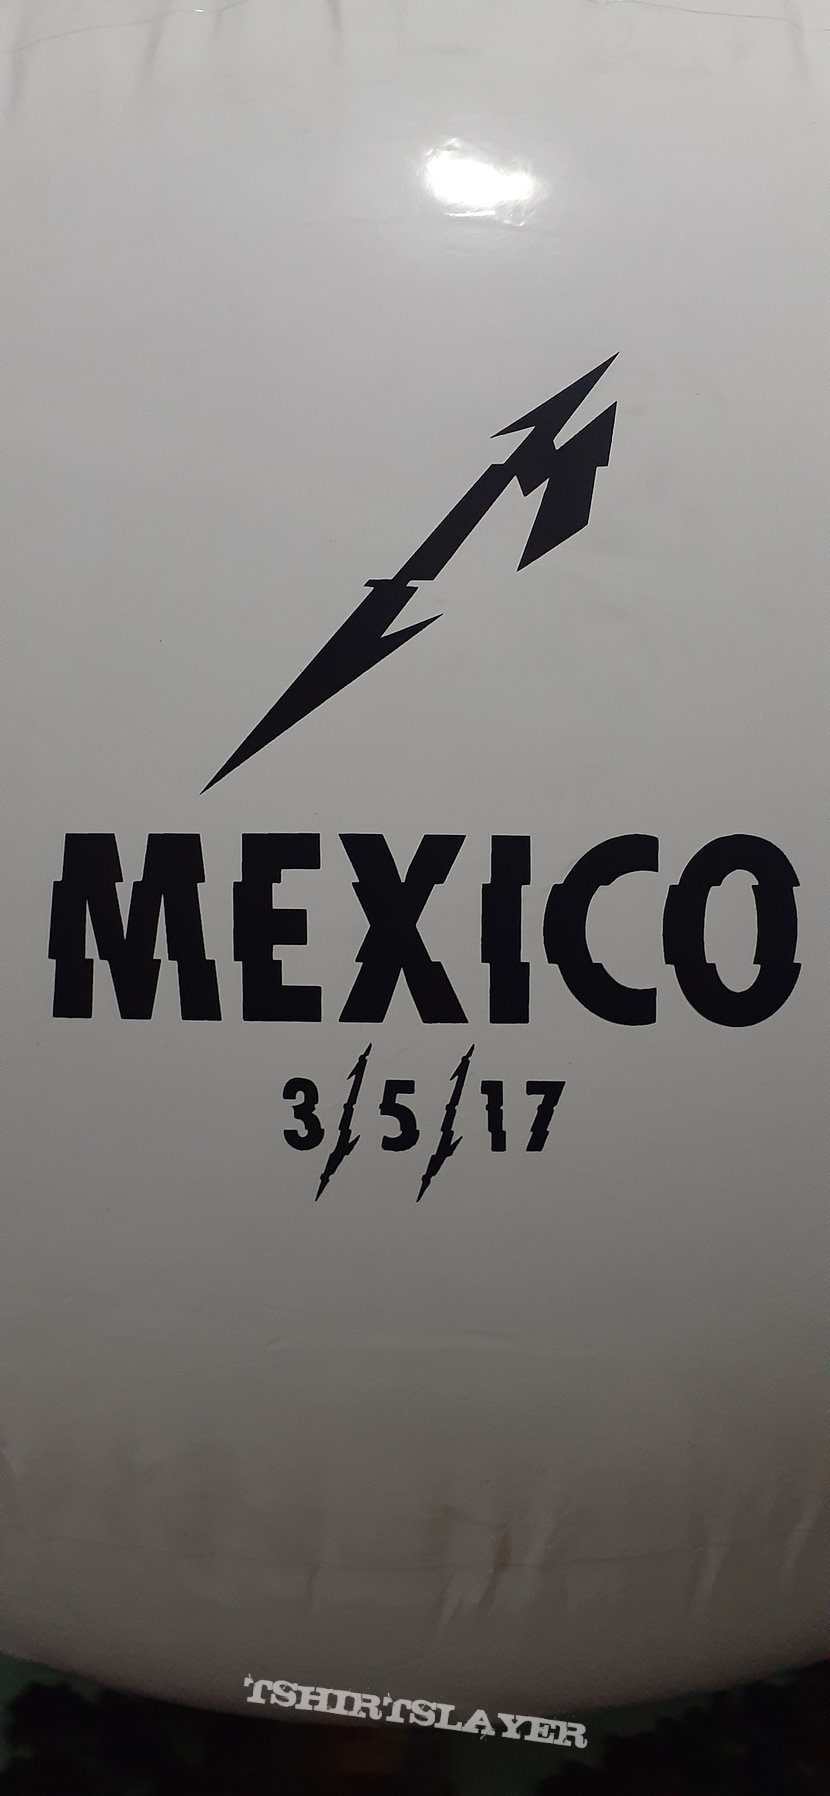 Metallica - March 3rd 2017 Mexico City Beach Ball + Ticket